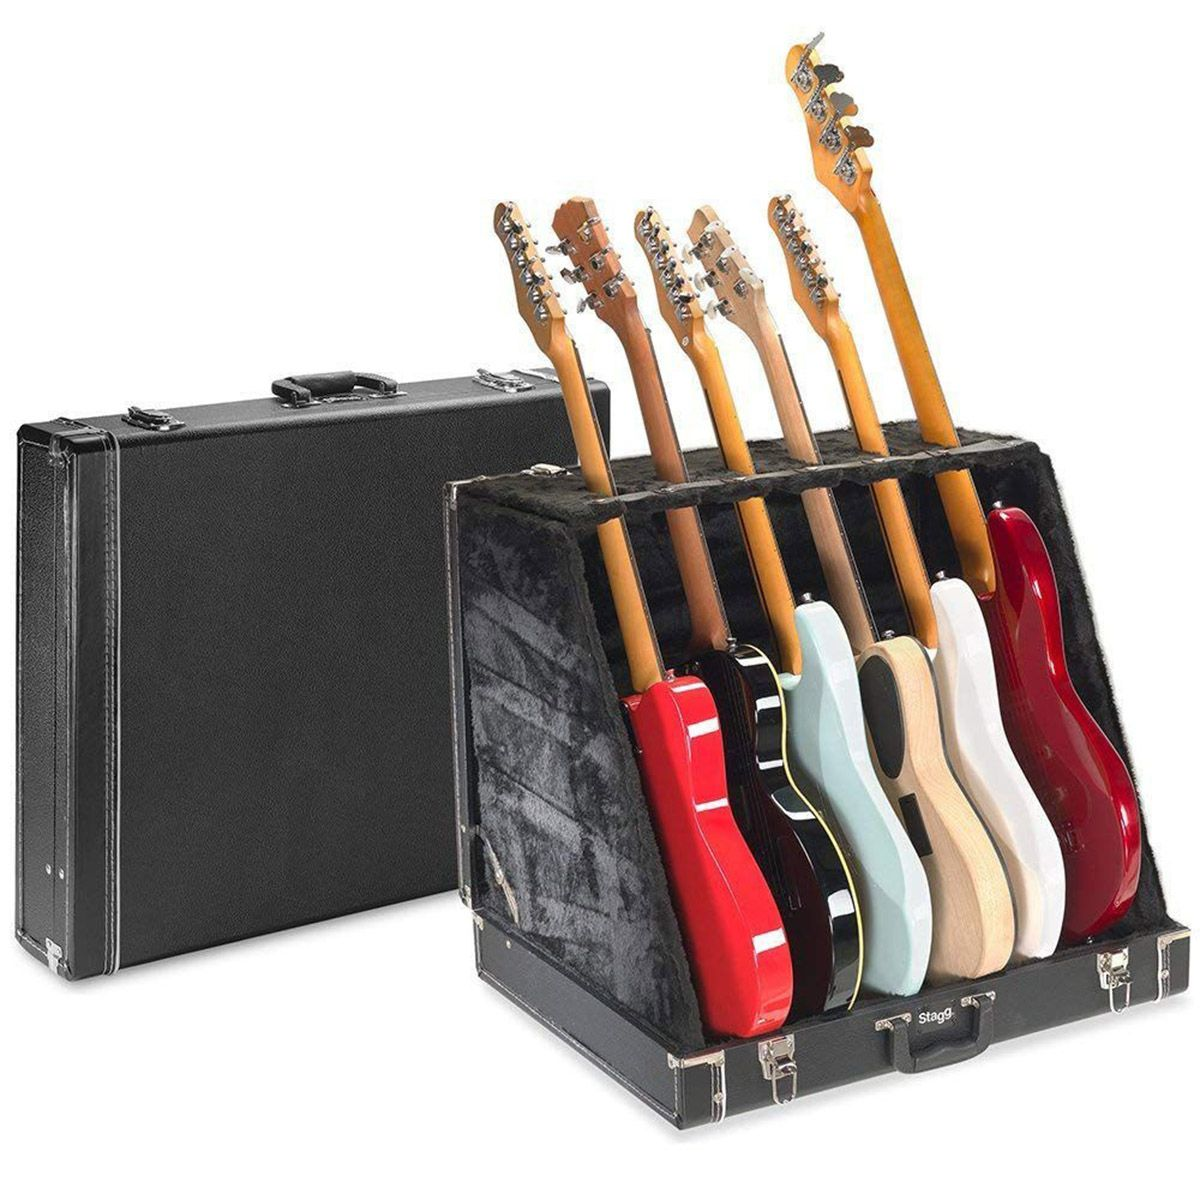 Case Stagg GDC-6 Suporte de Chão para 6 Guitarras